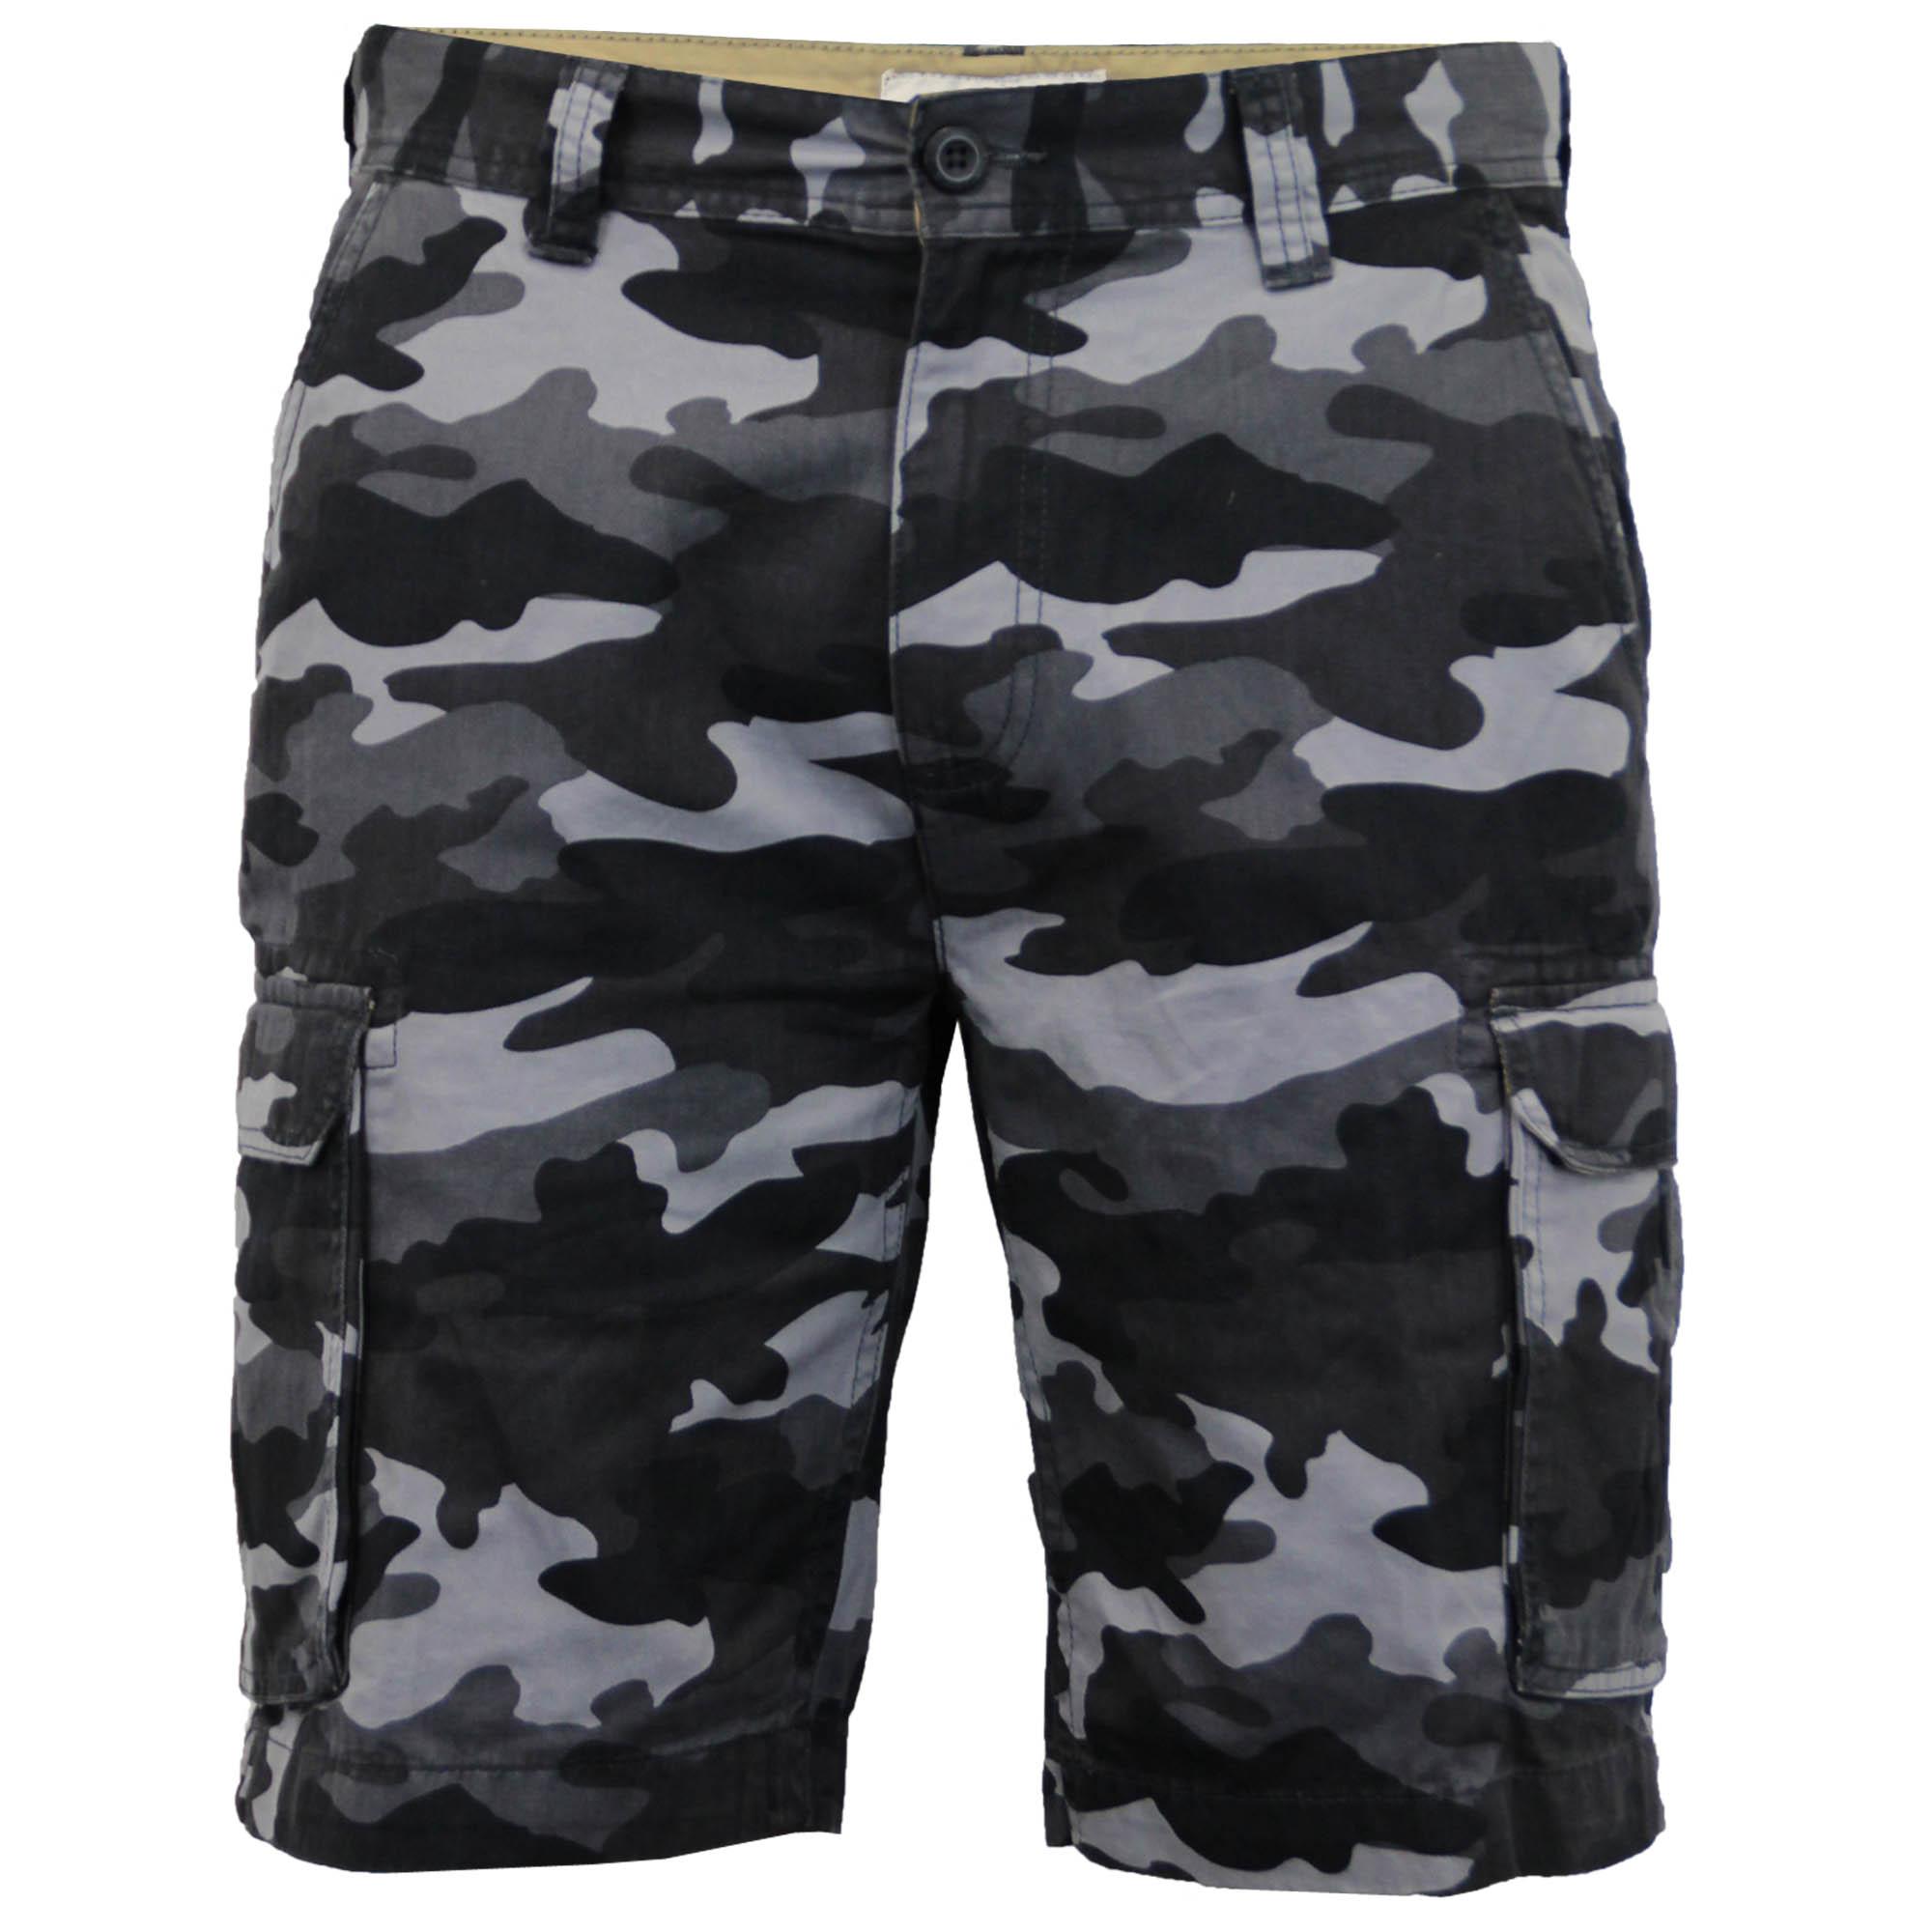 Para-Hombre-Pantalones-Cortos-Estilo-Cargo-De-Camuflaje-Combate-Largo-Hasta-La-Rodilla-Militar miniatura 2